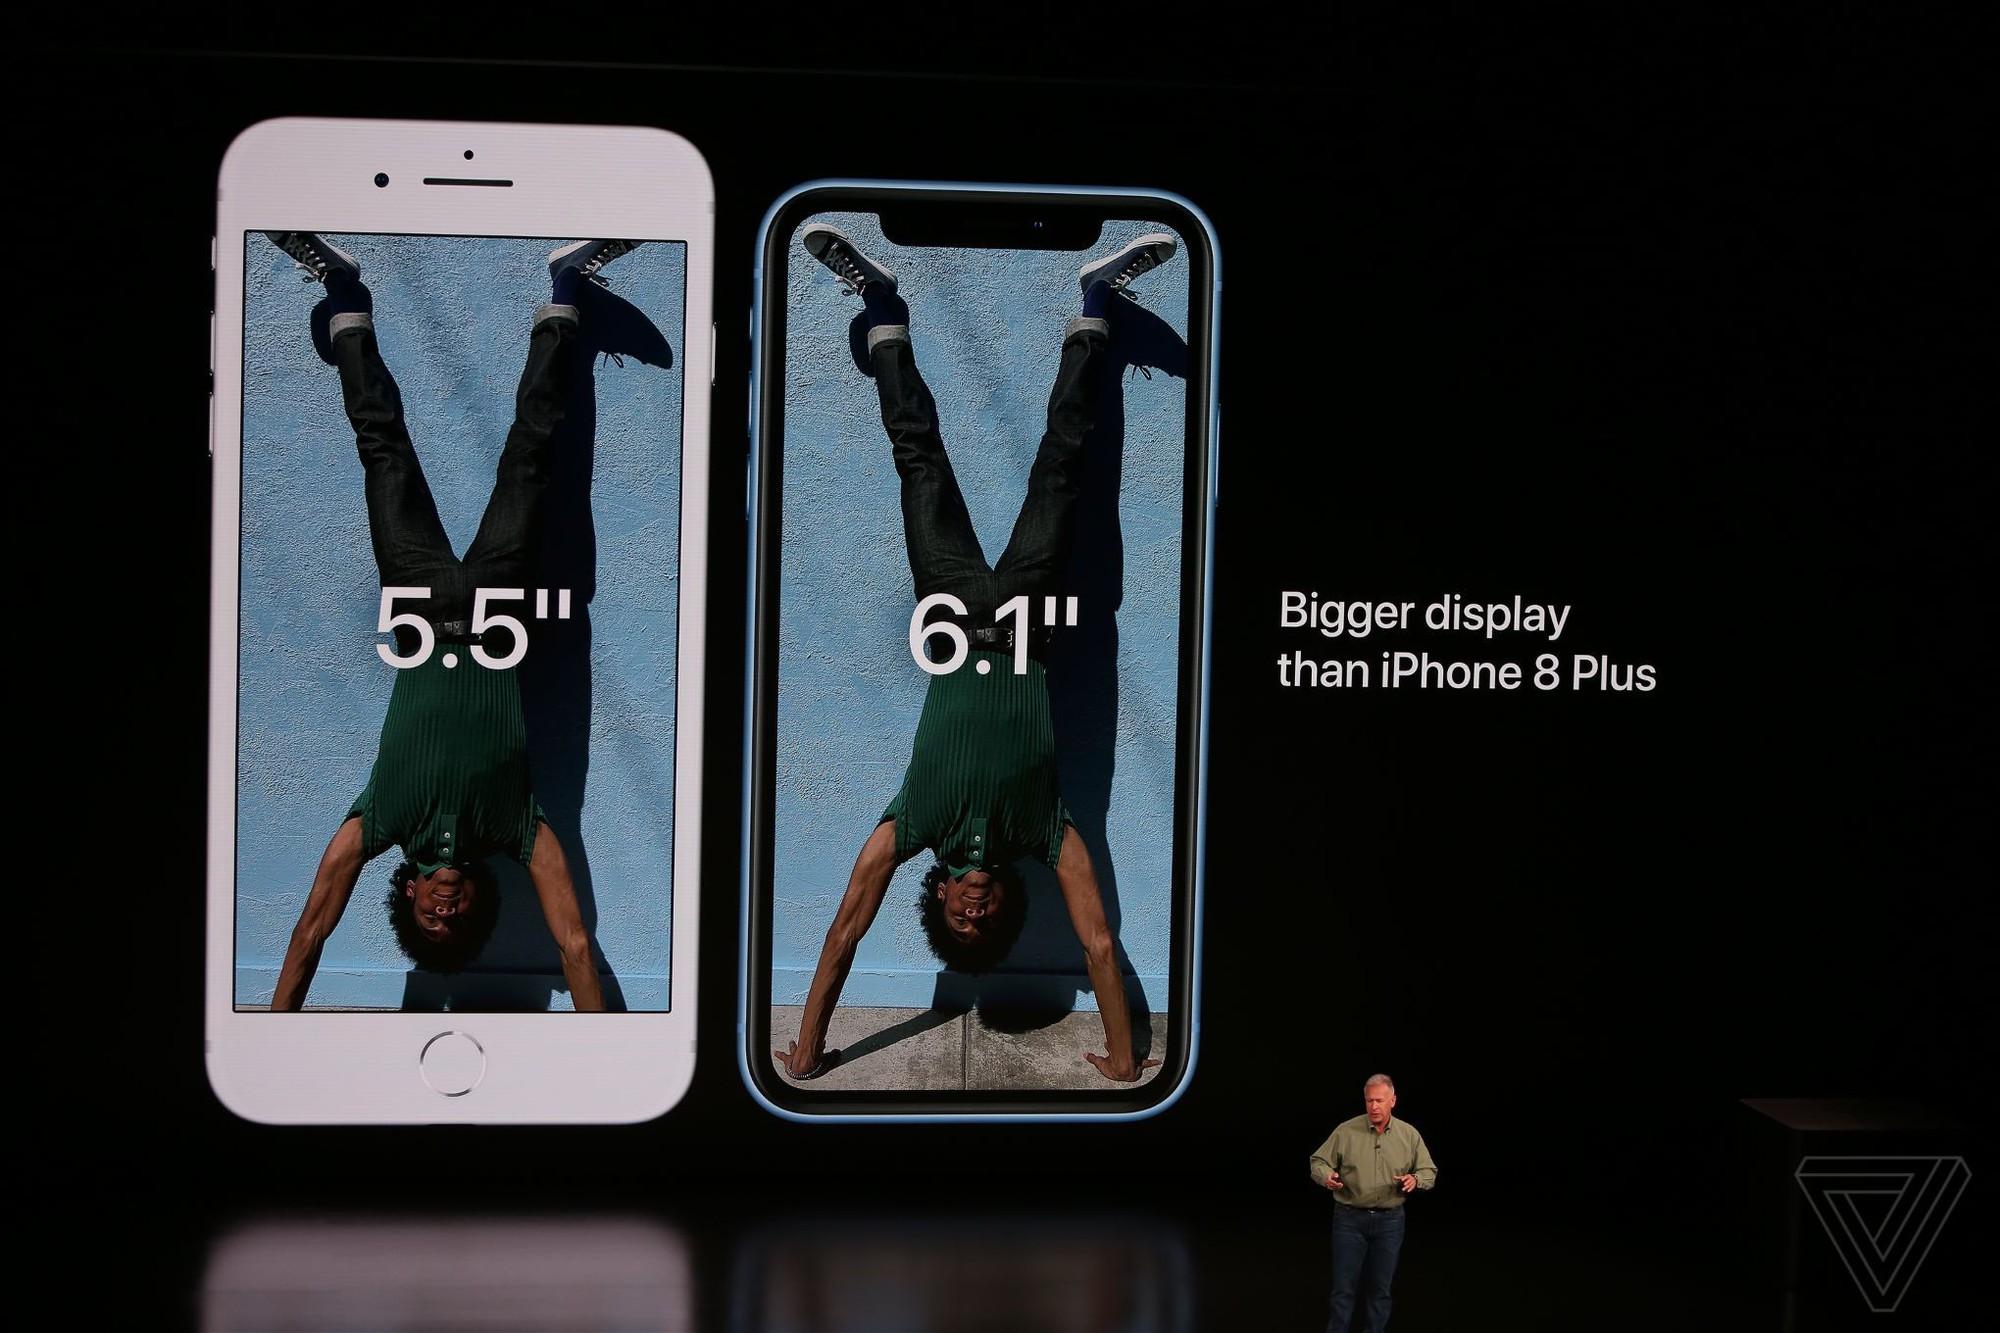 Review iPhone Xr: Nhìn như iPhone Xs nhưng giá iPhone Xr chỉ 17 triệu - Ảnh 3.